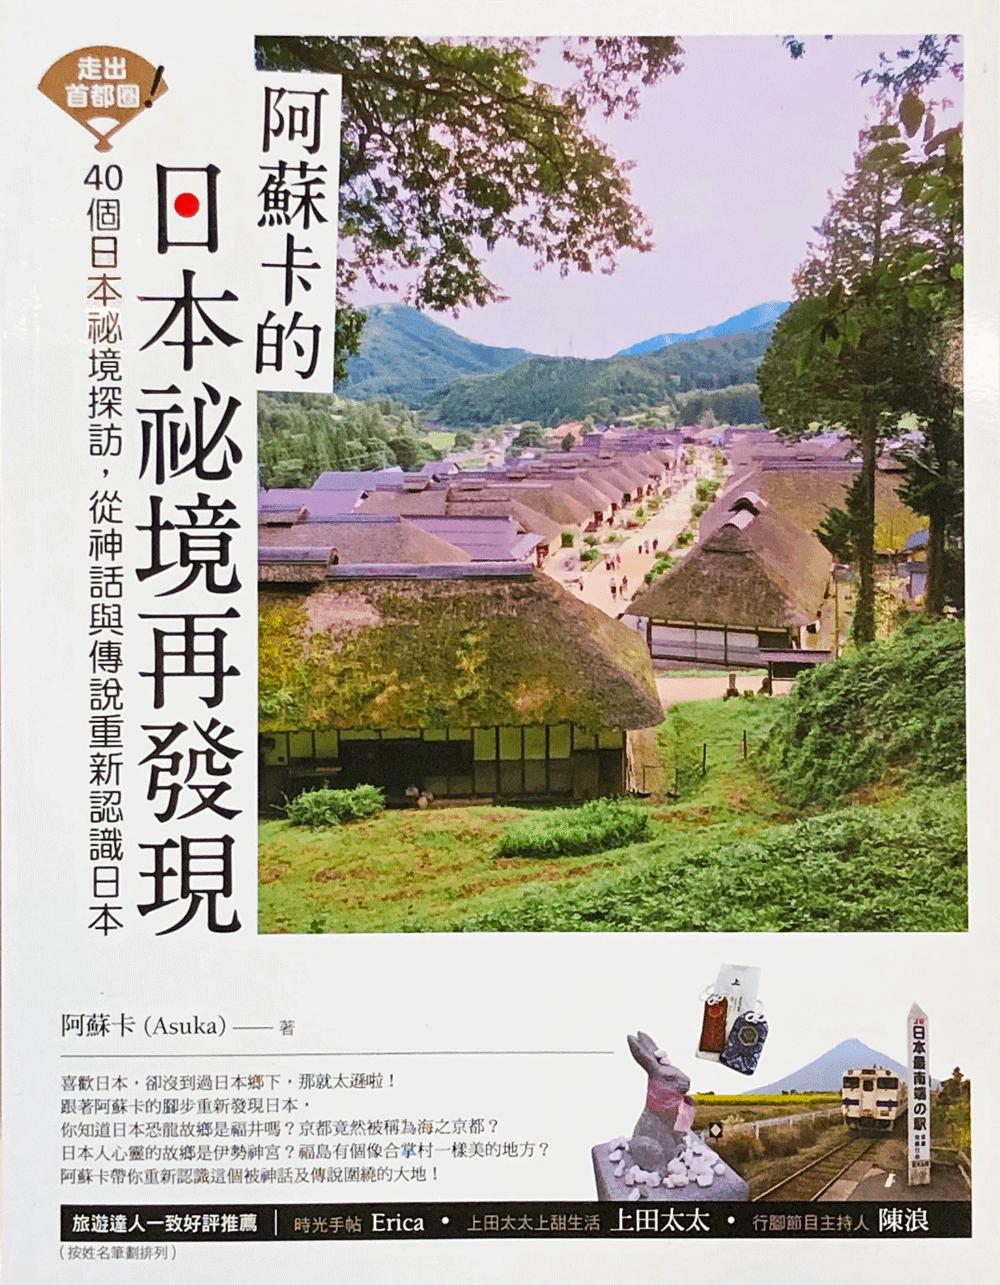 阿蘇卡的日本祕境再發現